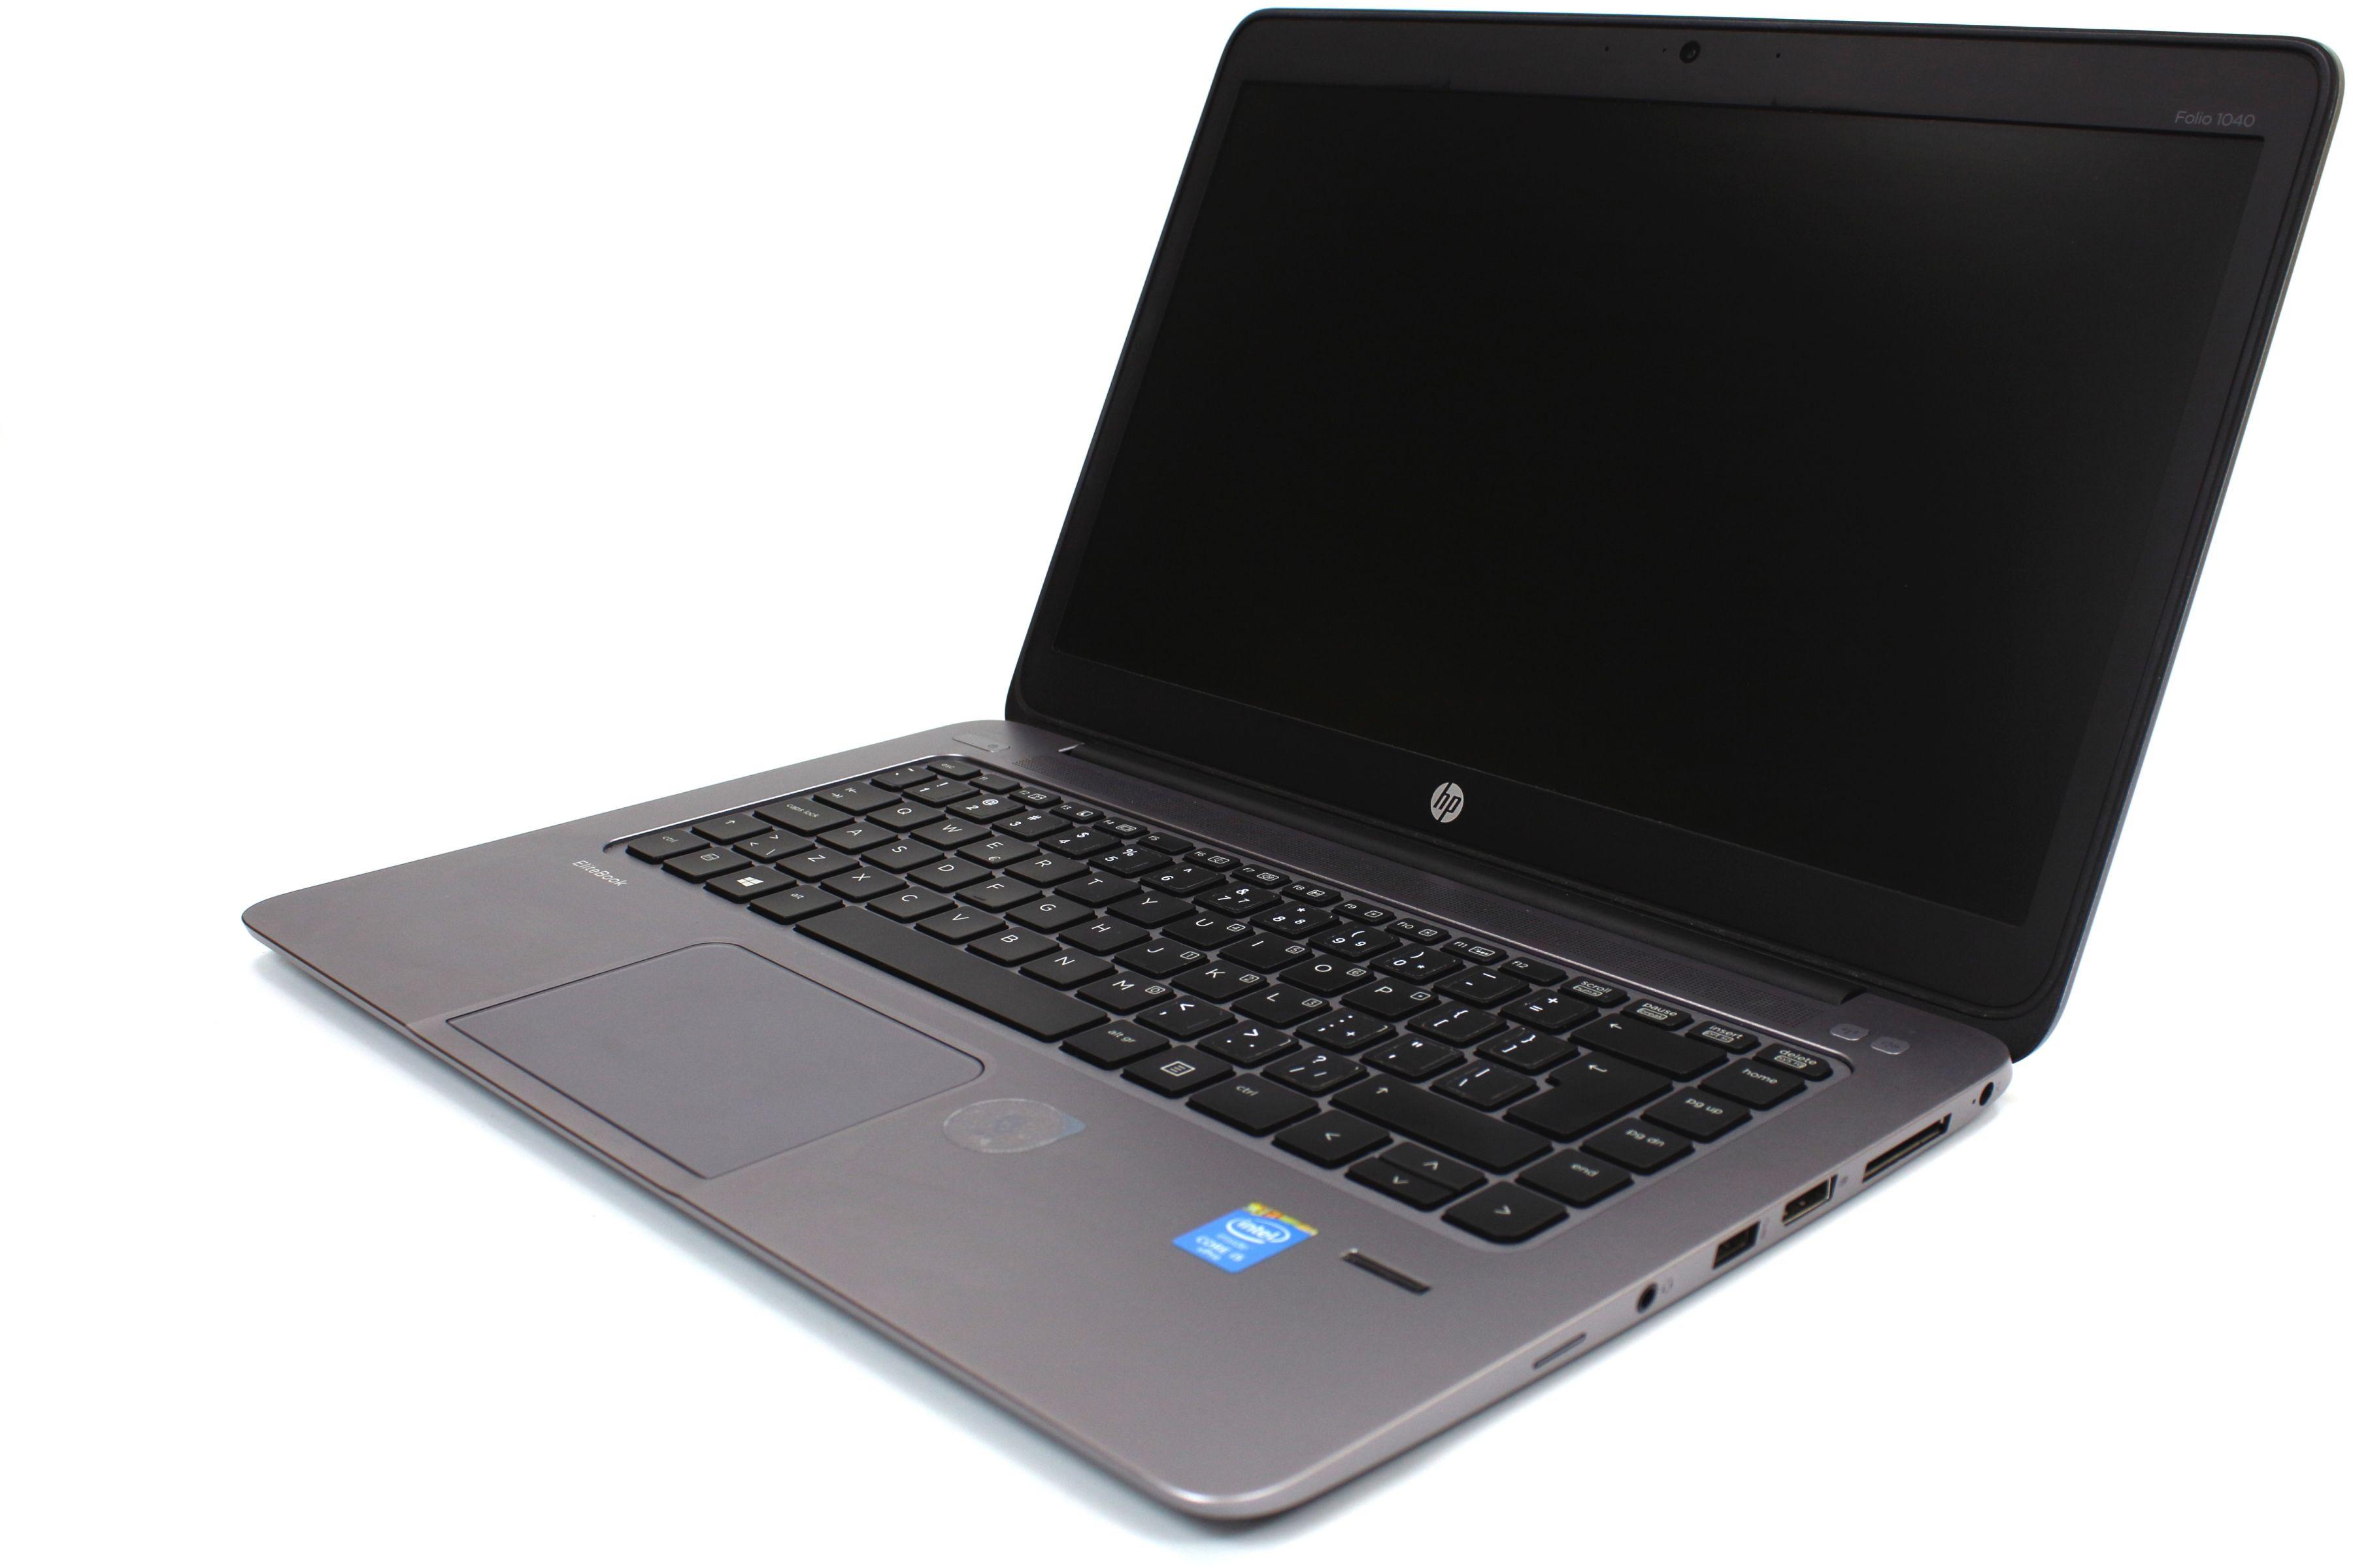 """Laptop HP EliteBook Folio 1040 G2 14.1"""" HD+ i5-5300U 8GB 128GB SSD KAMERA Modem 4G Windows 7/8/10"""